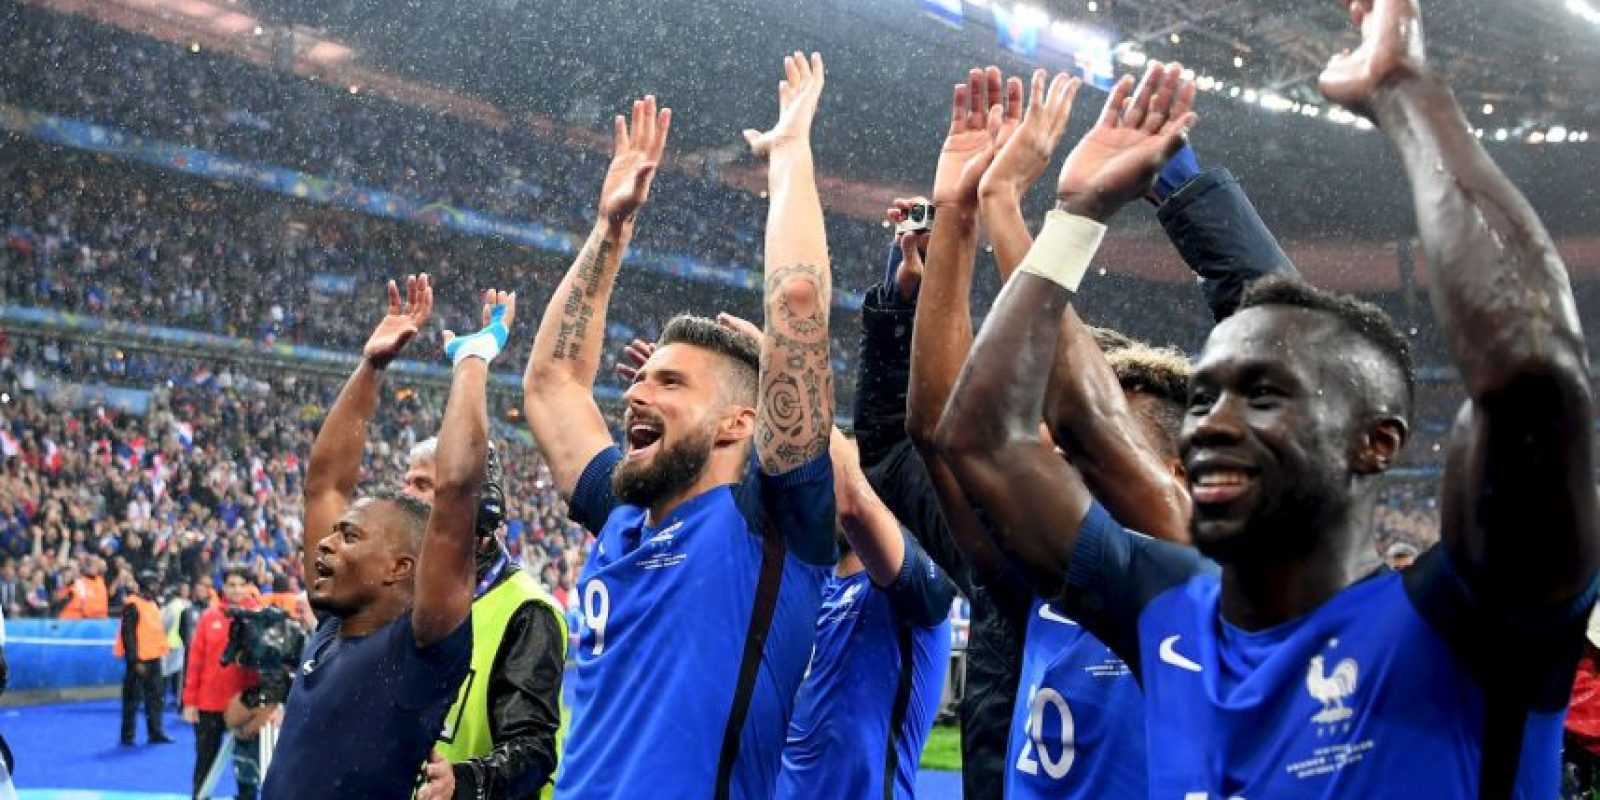 Francia está haciendo valer su condición de local y le propinó una dura goleada a Islandia por 5 a 2 para avanzar a semifinales. Anteriormente, en octavos, sacaron del camino a Irlanda Foto:Getty Images